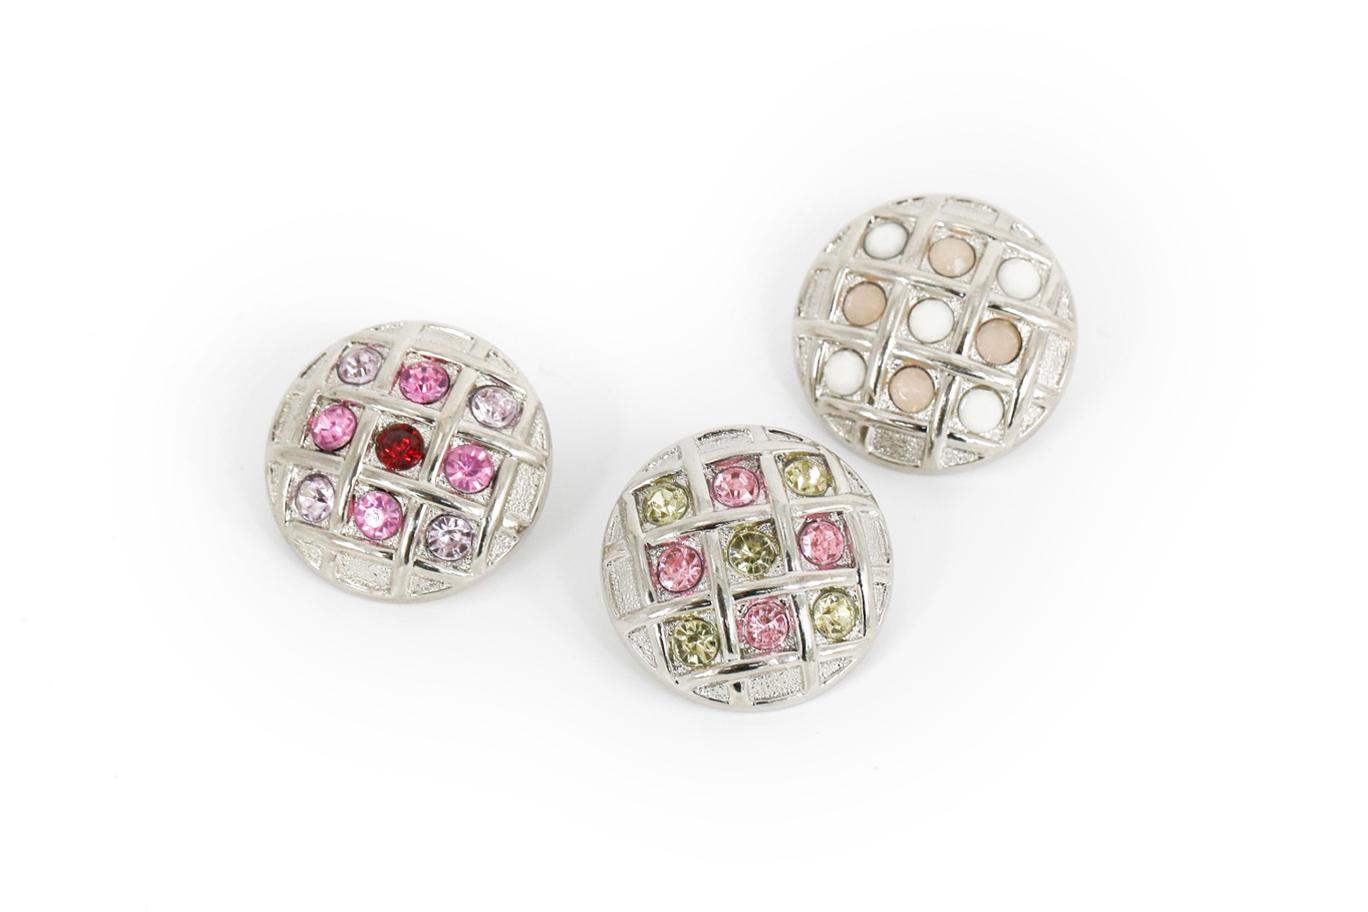 Berbentuk Bulat Dihiasi dengan Kristal Berlian Imitasi Akrilik Tombol Massal 21Mm 25Mm 30Mm untuk Pakaian kerajinan DIY, Sepatu & Tas